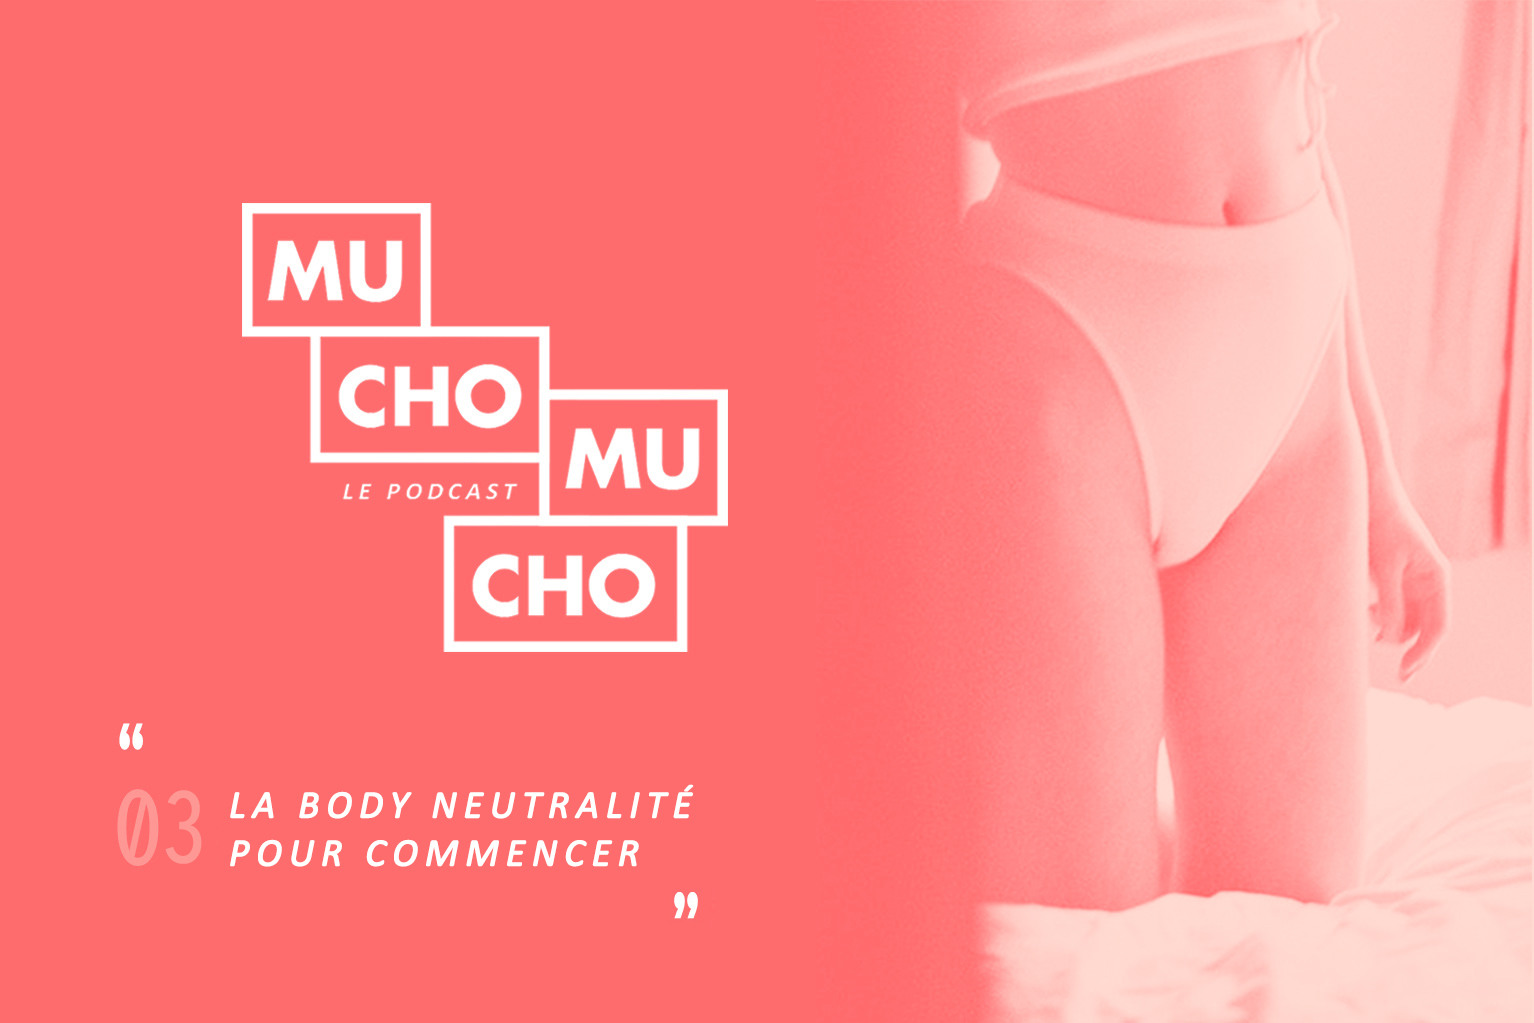 Mucho Mucho #03︱La body neutralité pour commencer